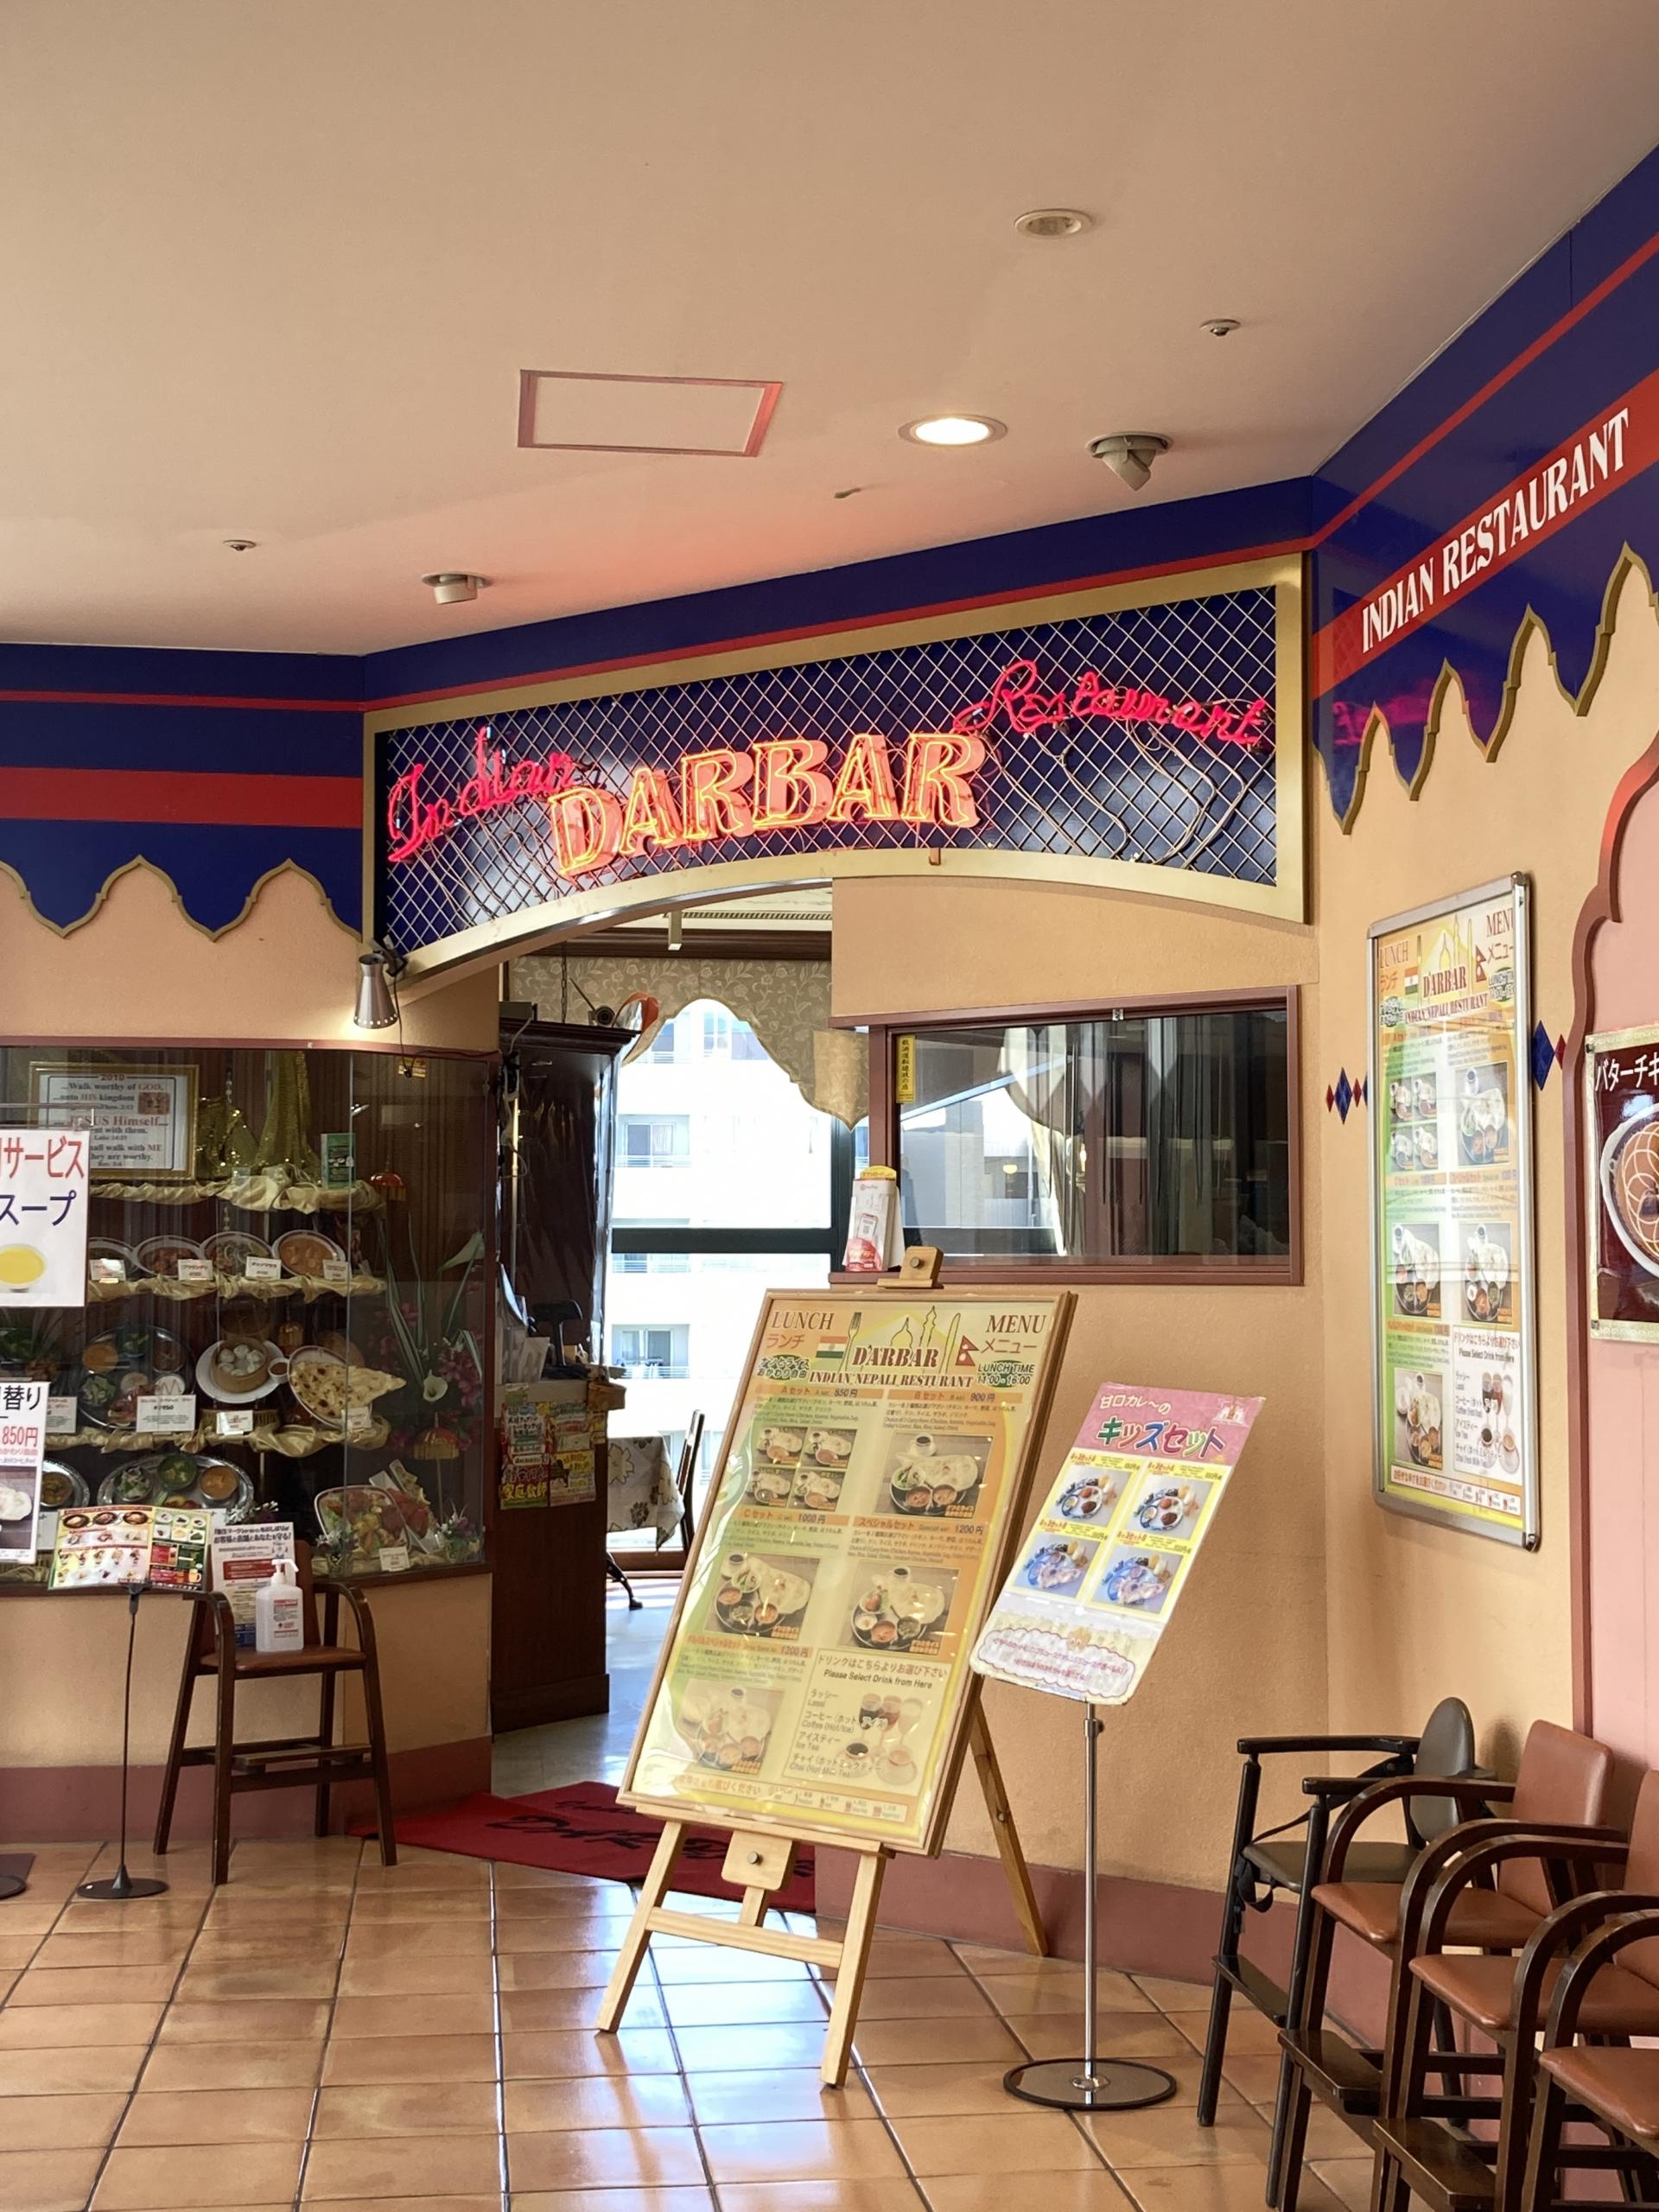 インディアン レストラン<br>ダルバル<br>モザイクモール港北店